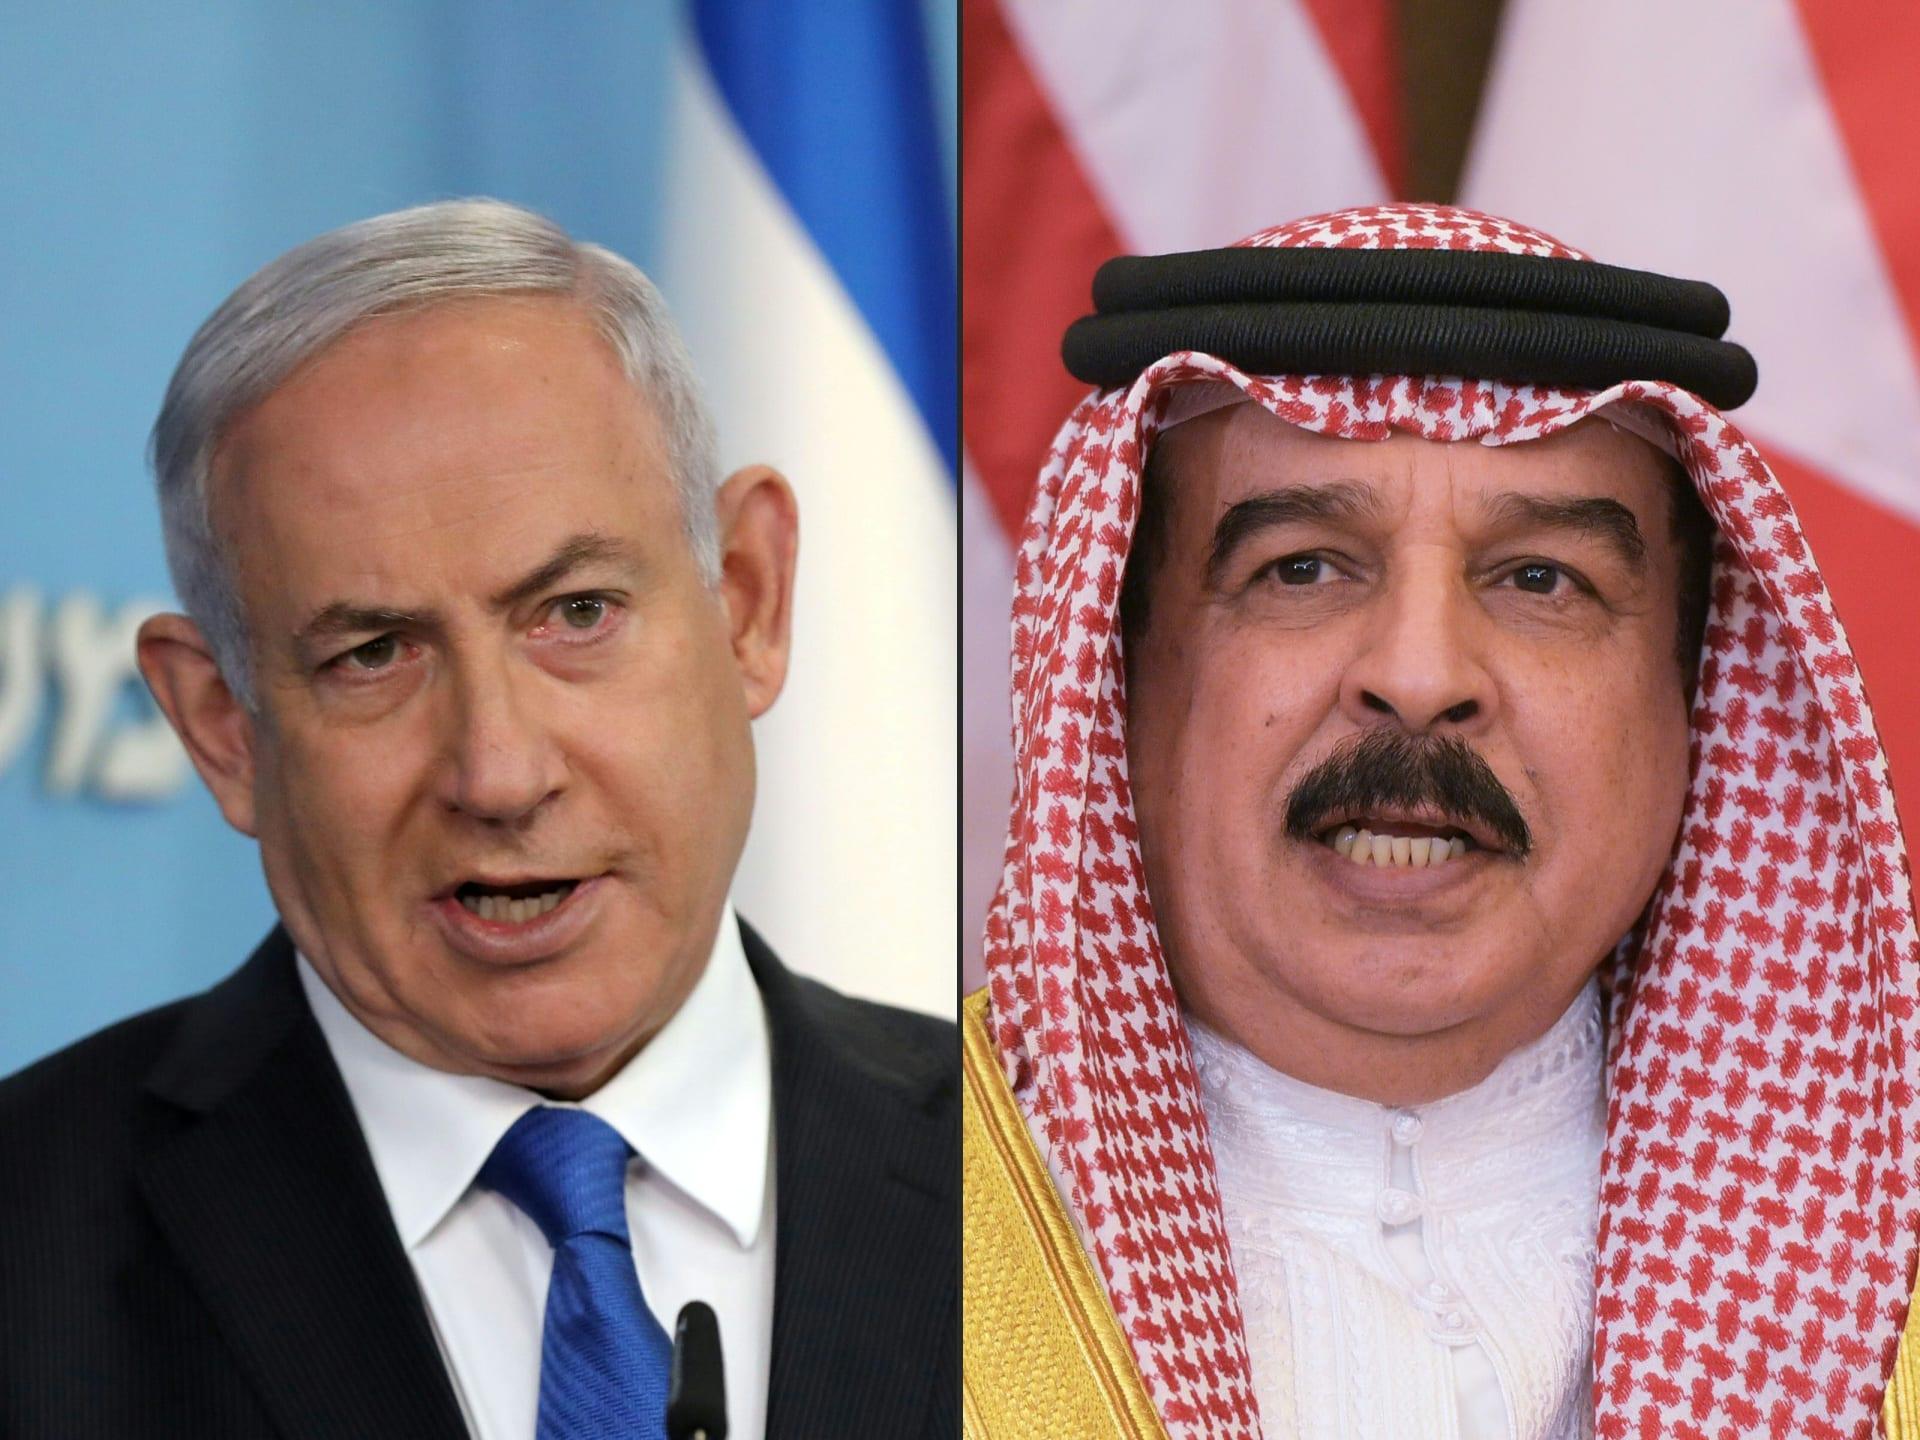 """عُمان ترحب بالتطبيع بين البحرين وإسرائيل وتأمل أن يكون رافدا لـ""""إنهاء احتلال"""" الأراضي الفلسطينية"""